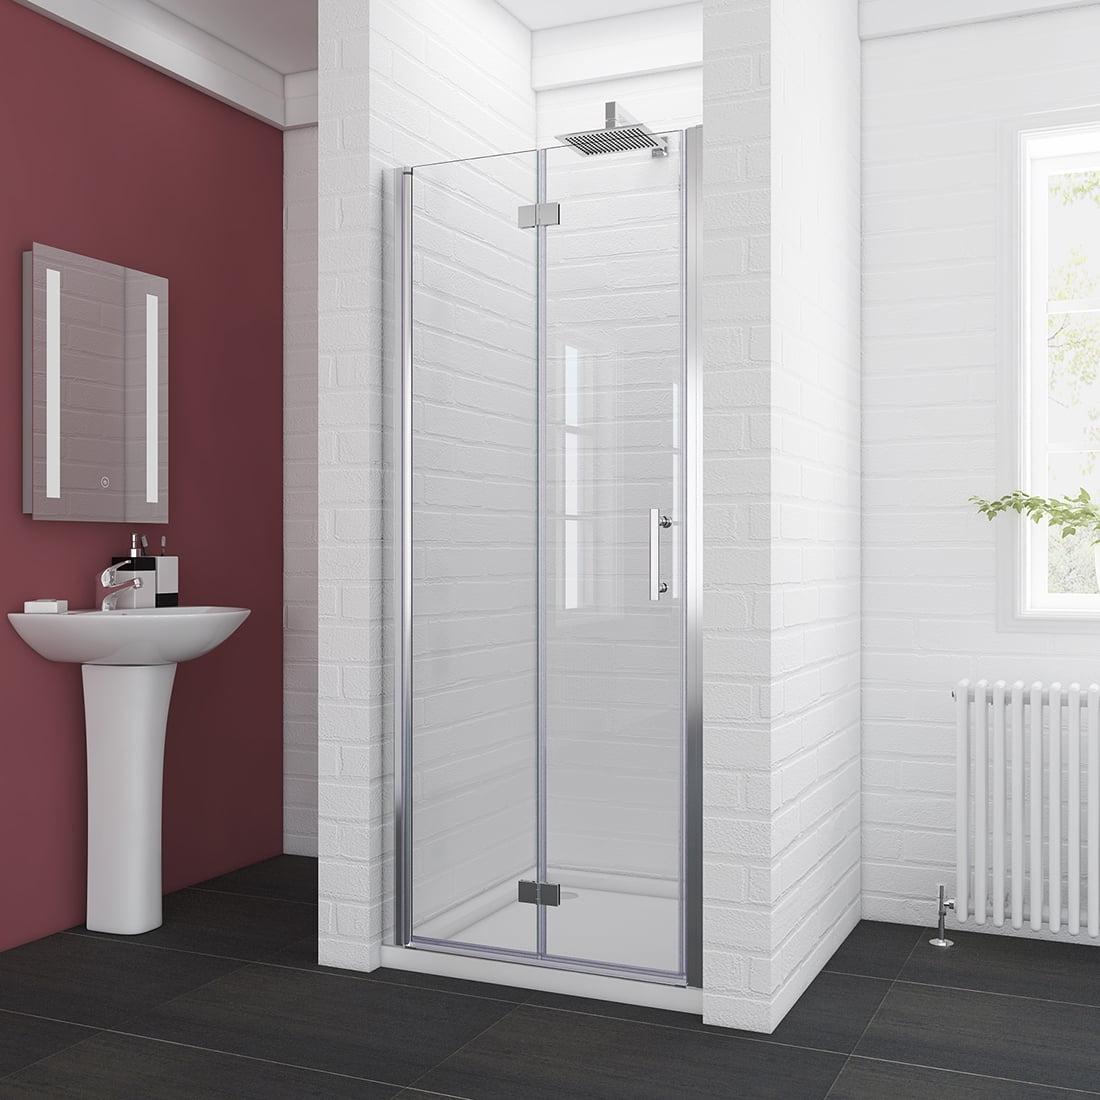 Sunny Showers 32 W X 72 H Bi Fold Hinged Semi Frameless Shower Door 3 16 Fold Clear Glass Shower Panel Pivot Swing Corner Shower Door Chrome